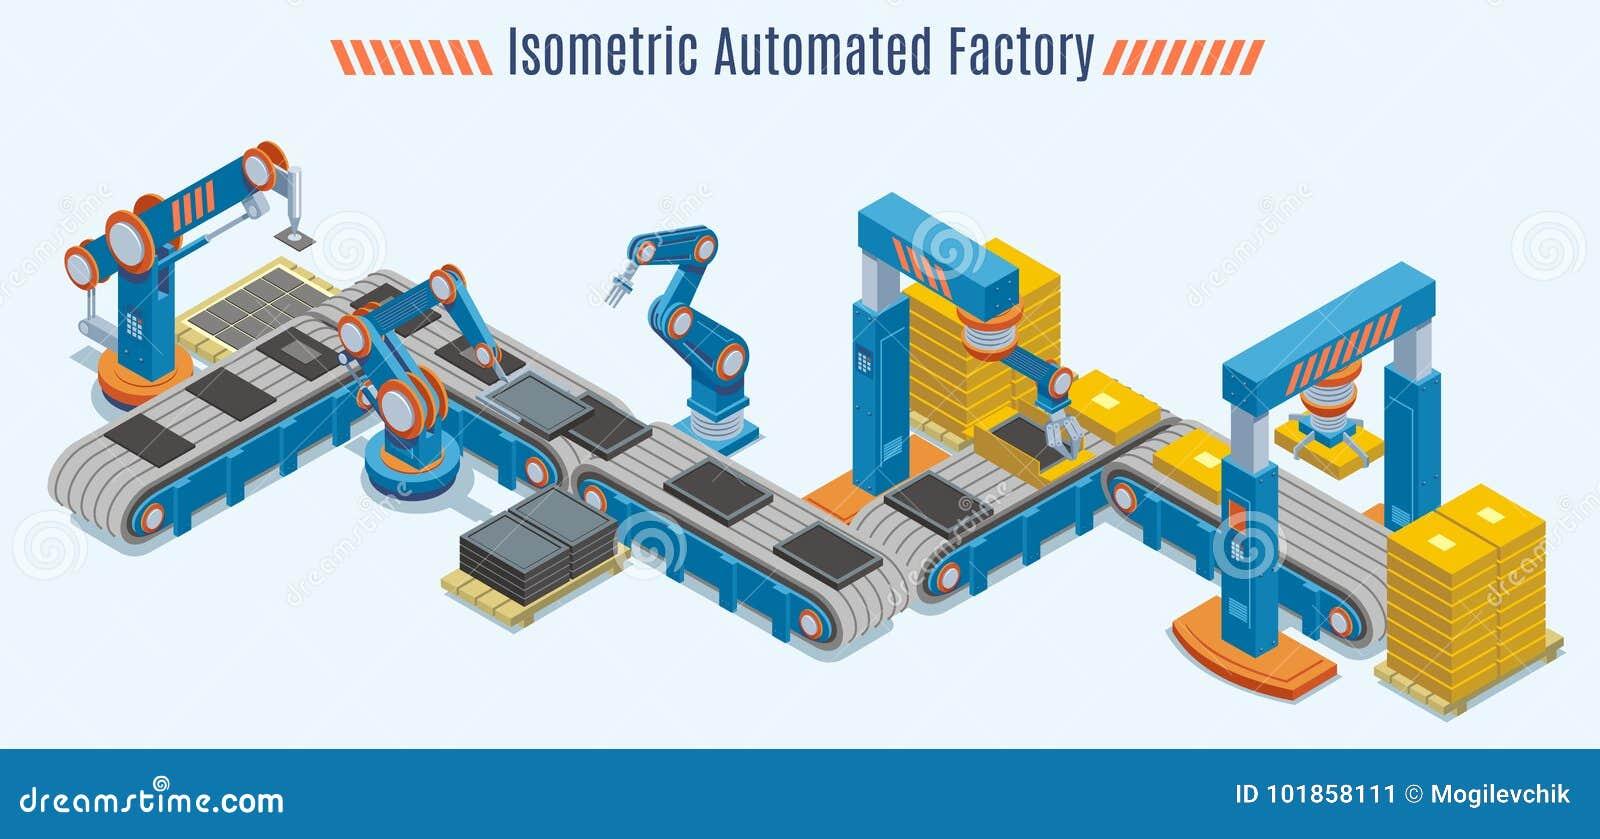 Chaîne de production automatisée isométrique concept